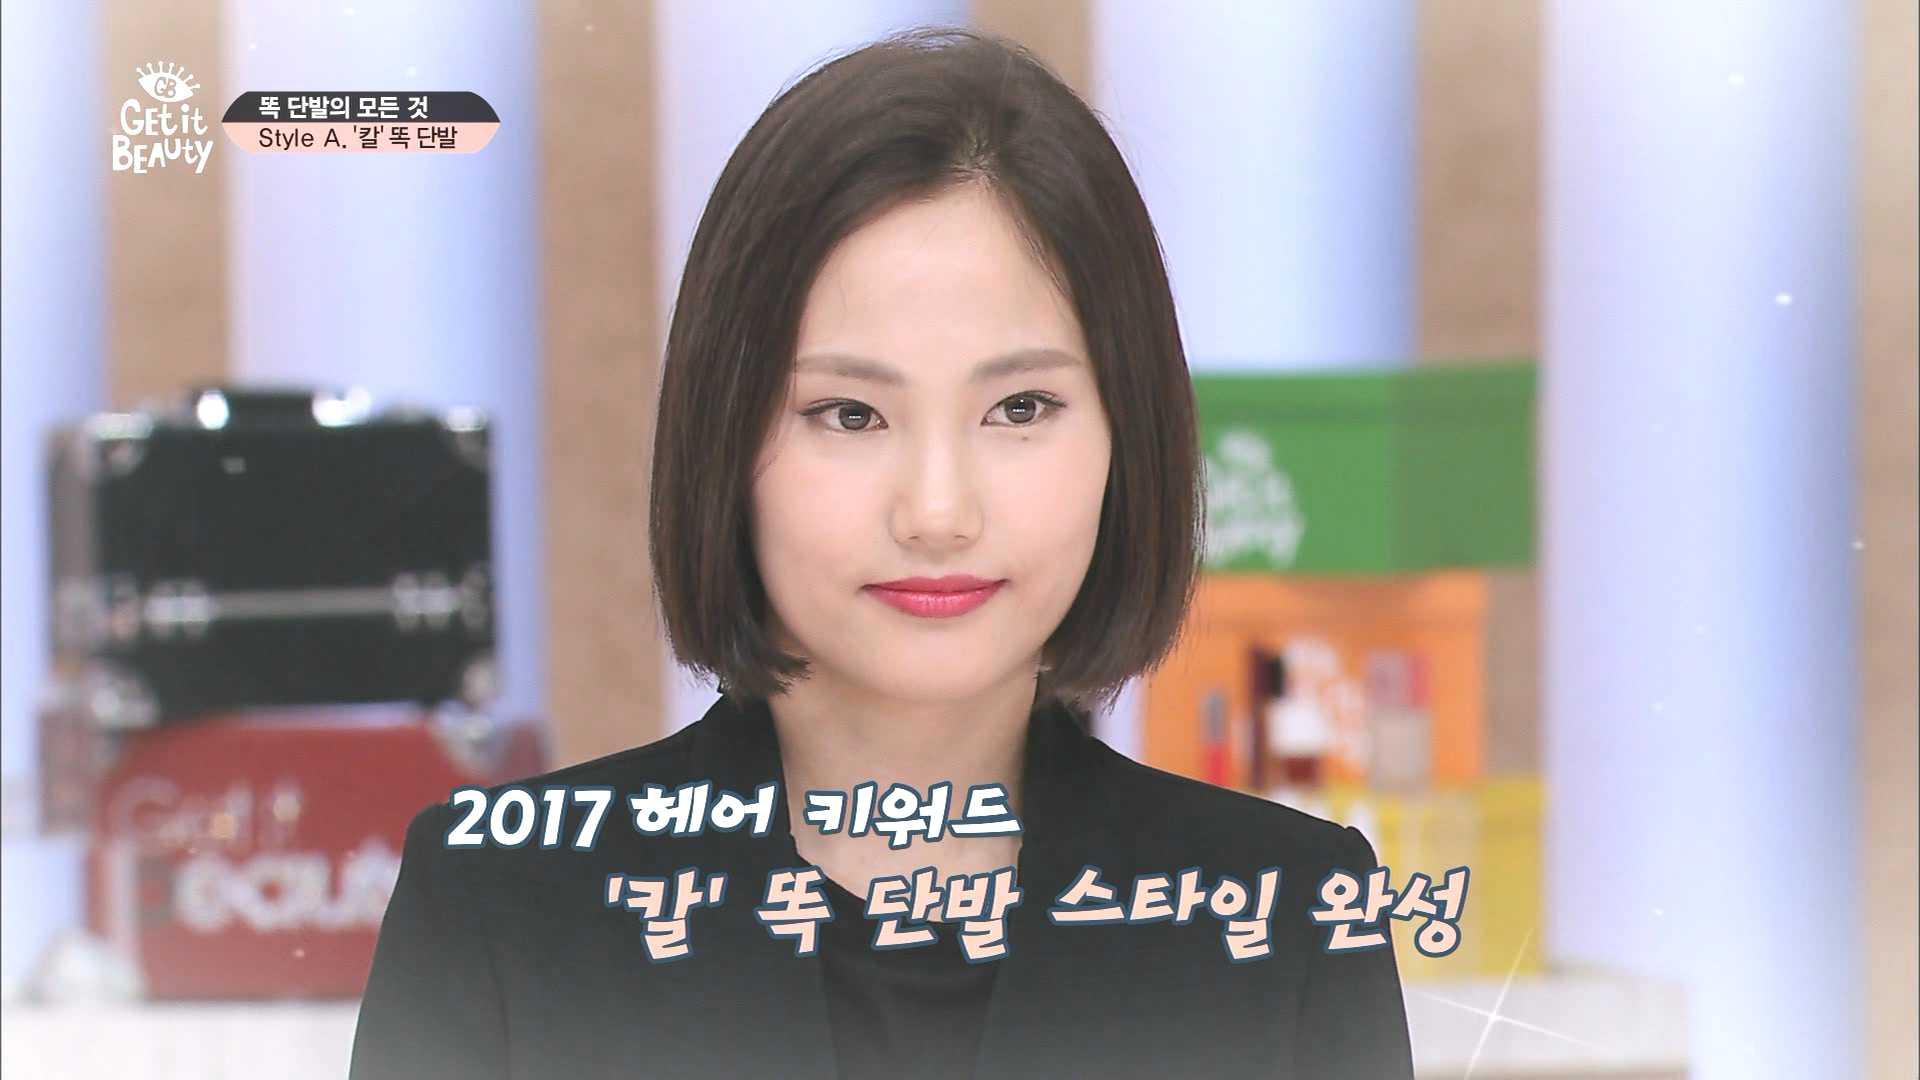 이렇게 2017 헤어 키워드 '칼' 똑 단발 스타일 완성!!!